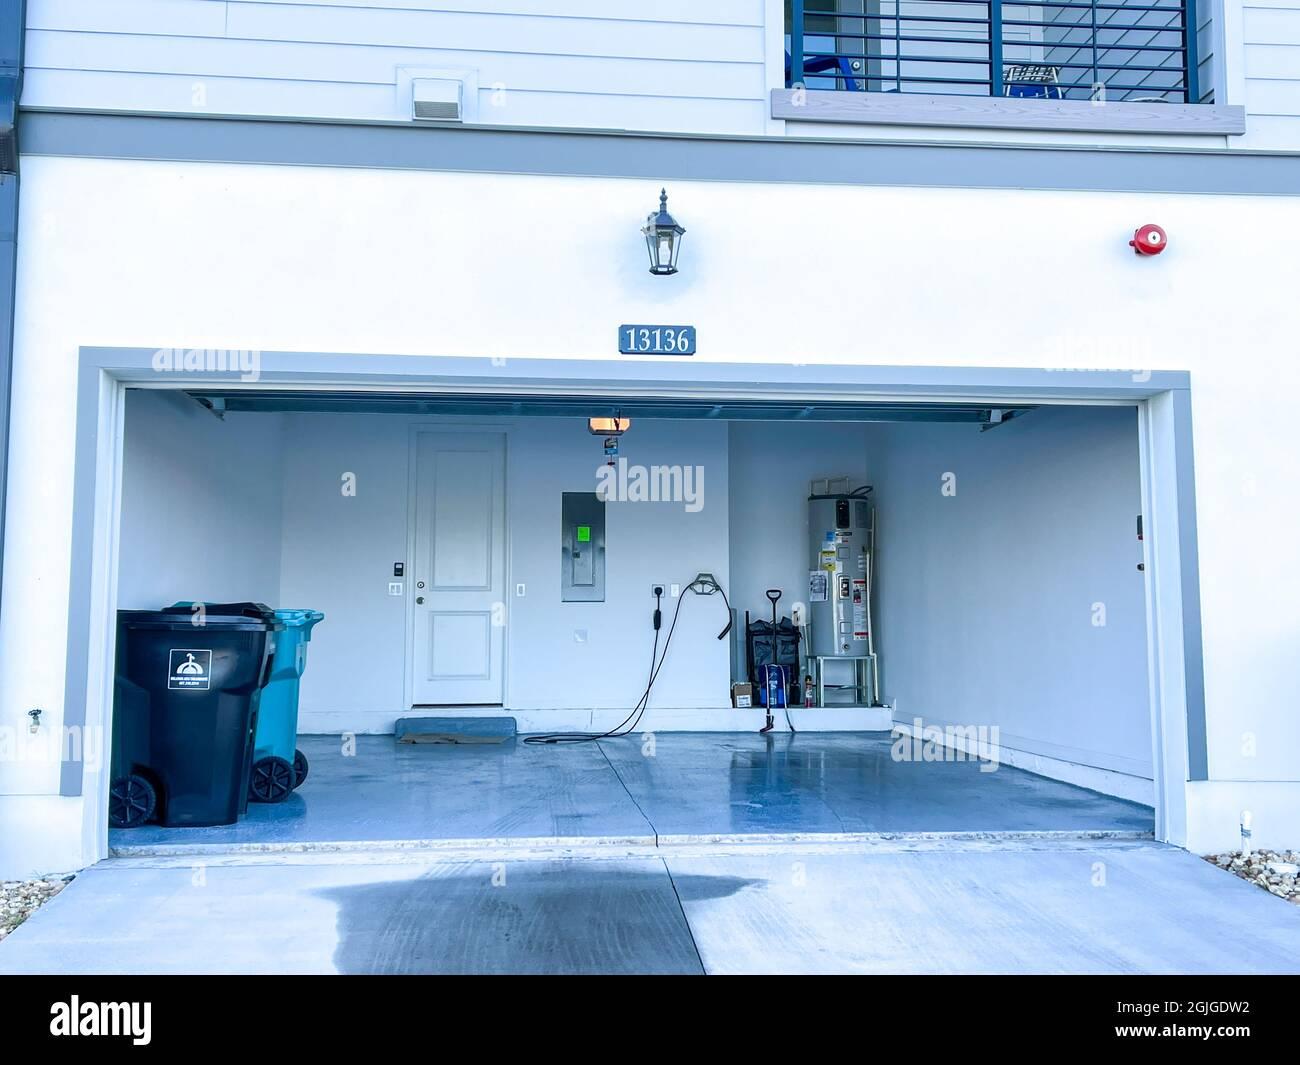 Orlando, FL Estados Unidos - 3 de septiembre de 2021: Un garaje organizado, limpio y libre de alboroto en un vecindario. Foto de stock